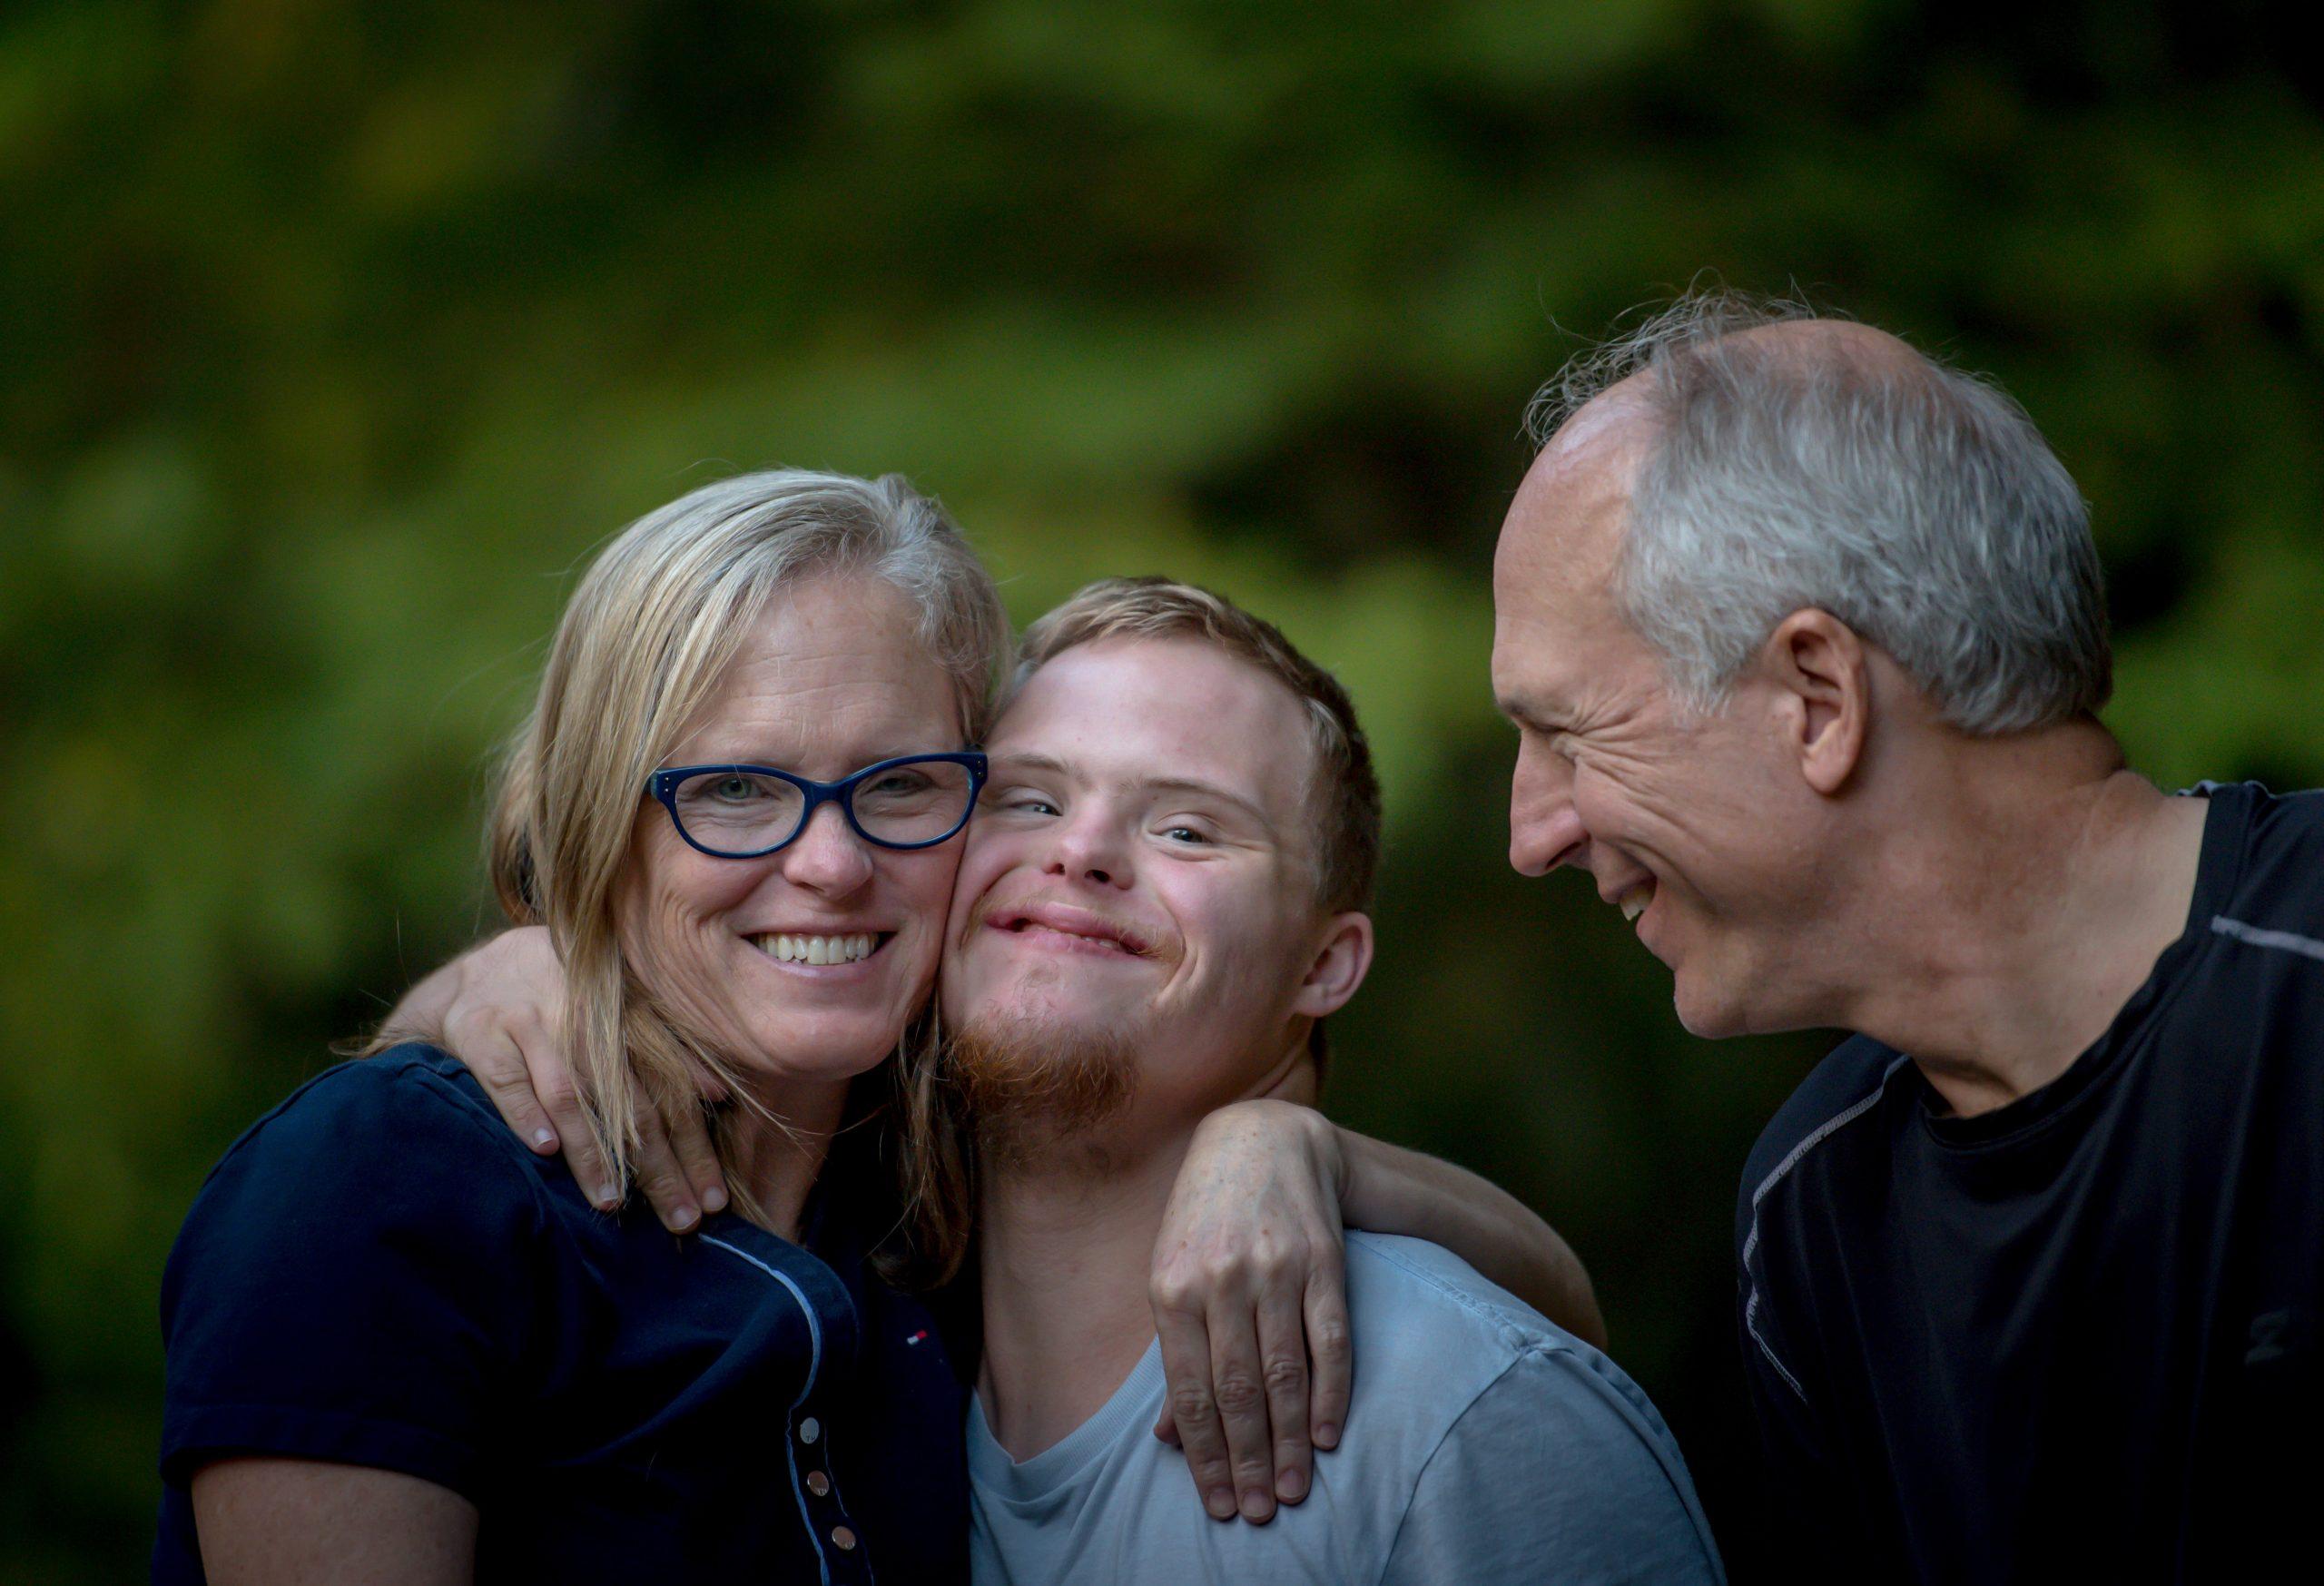 Na obrazku widać rodzinę z osobą niepełnosprawną